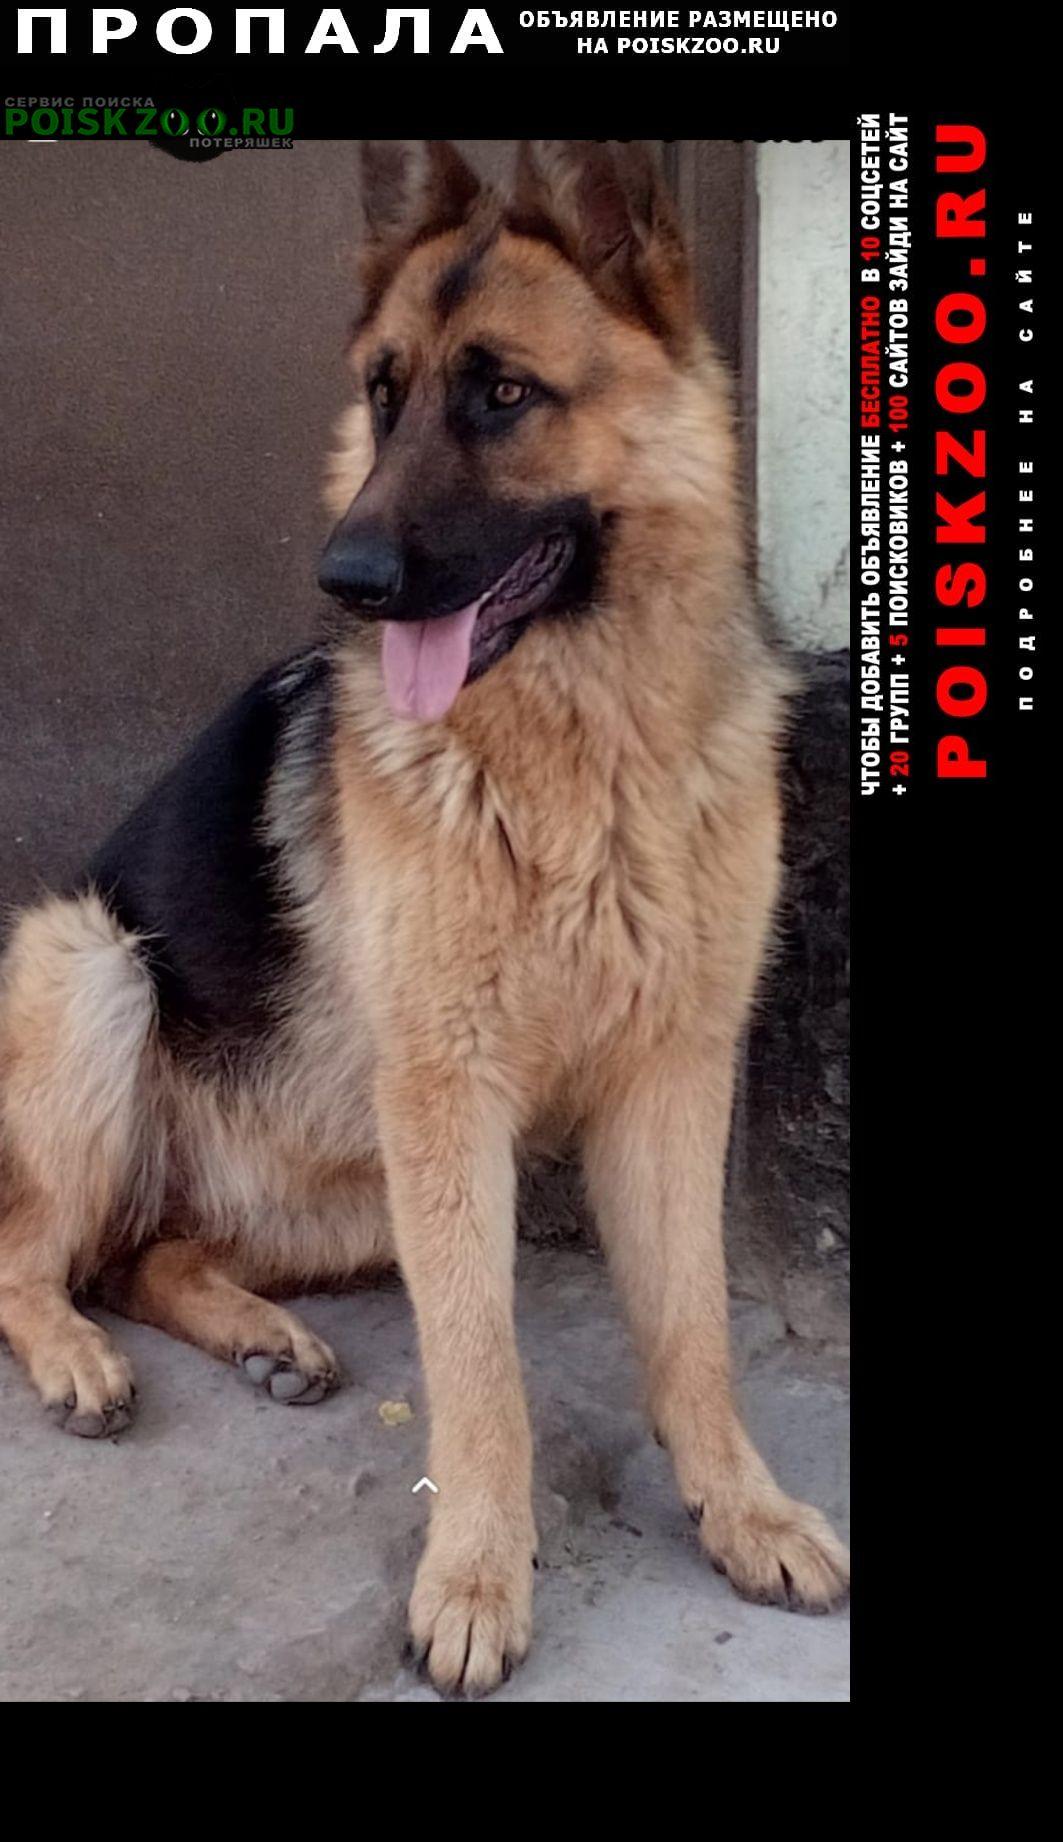 Пропала собака Шымкент (Чимкент)